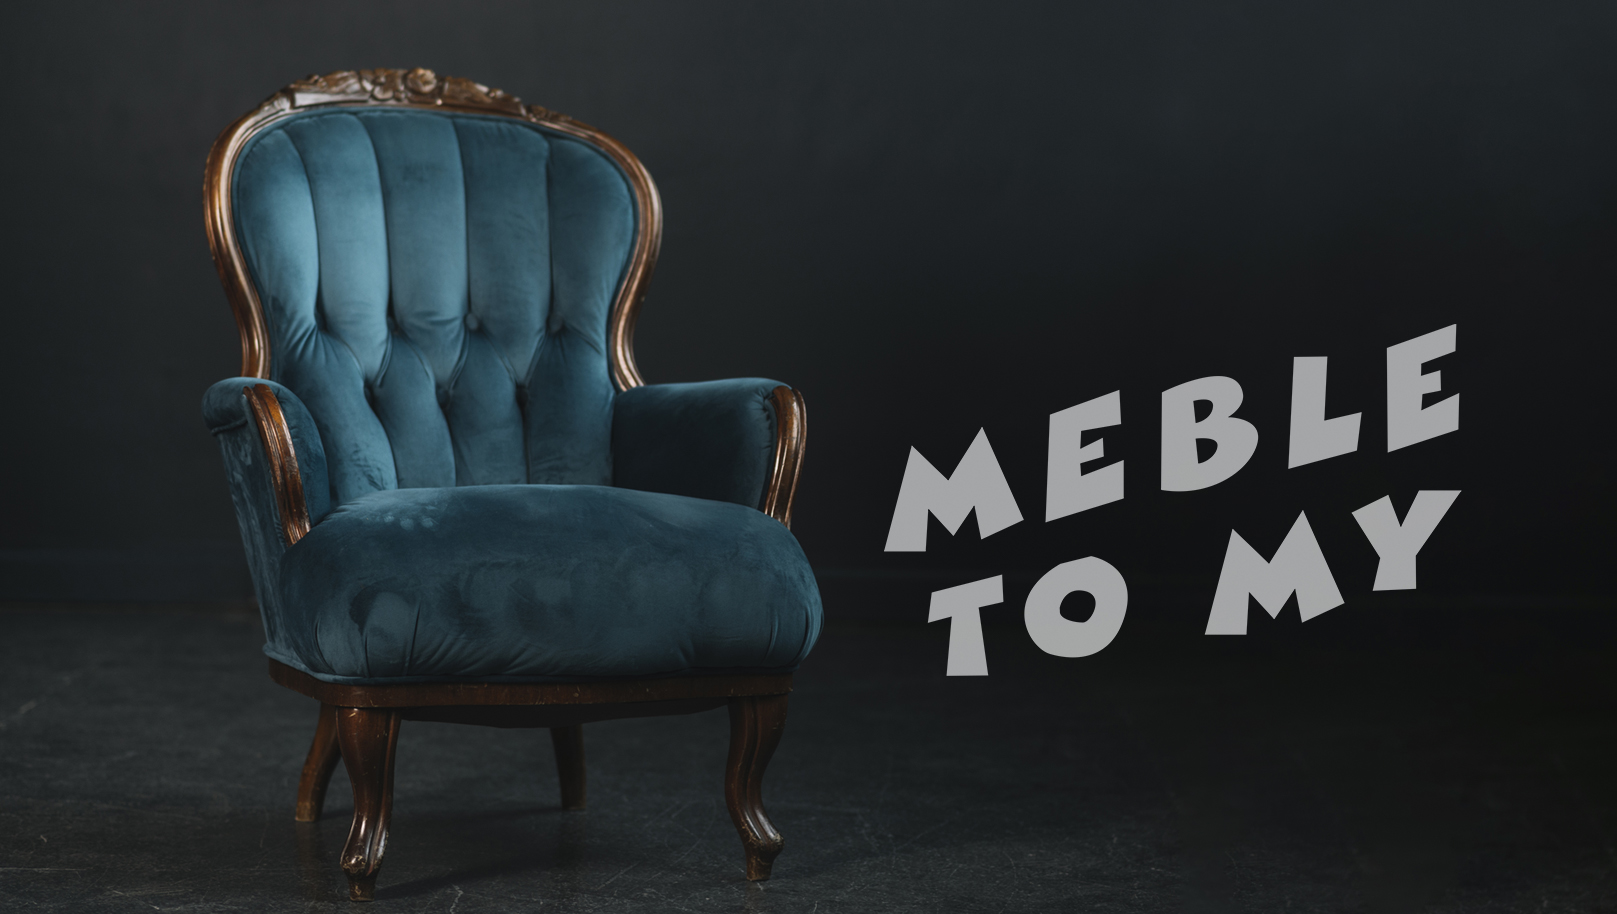 Tworzenie stron internetowych - sklep meblowy